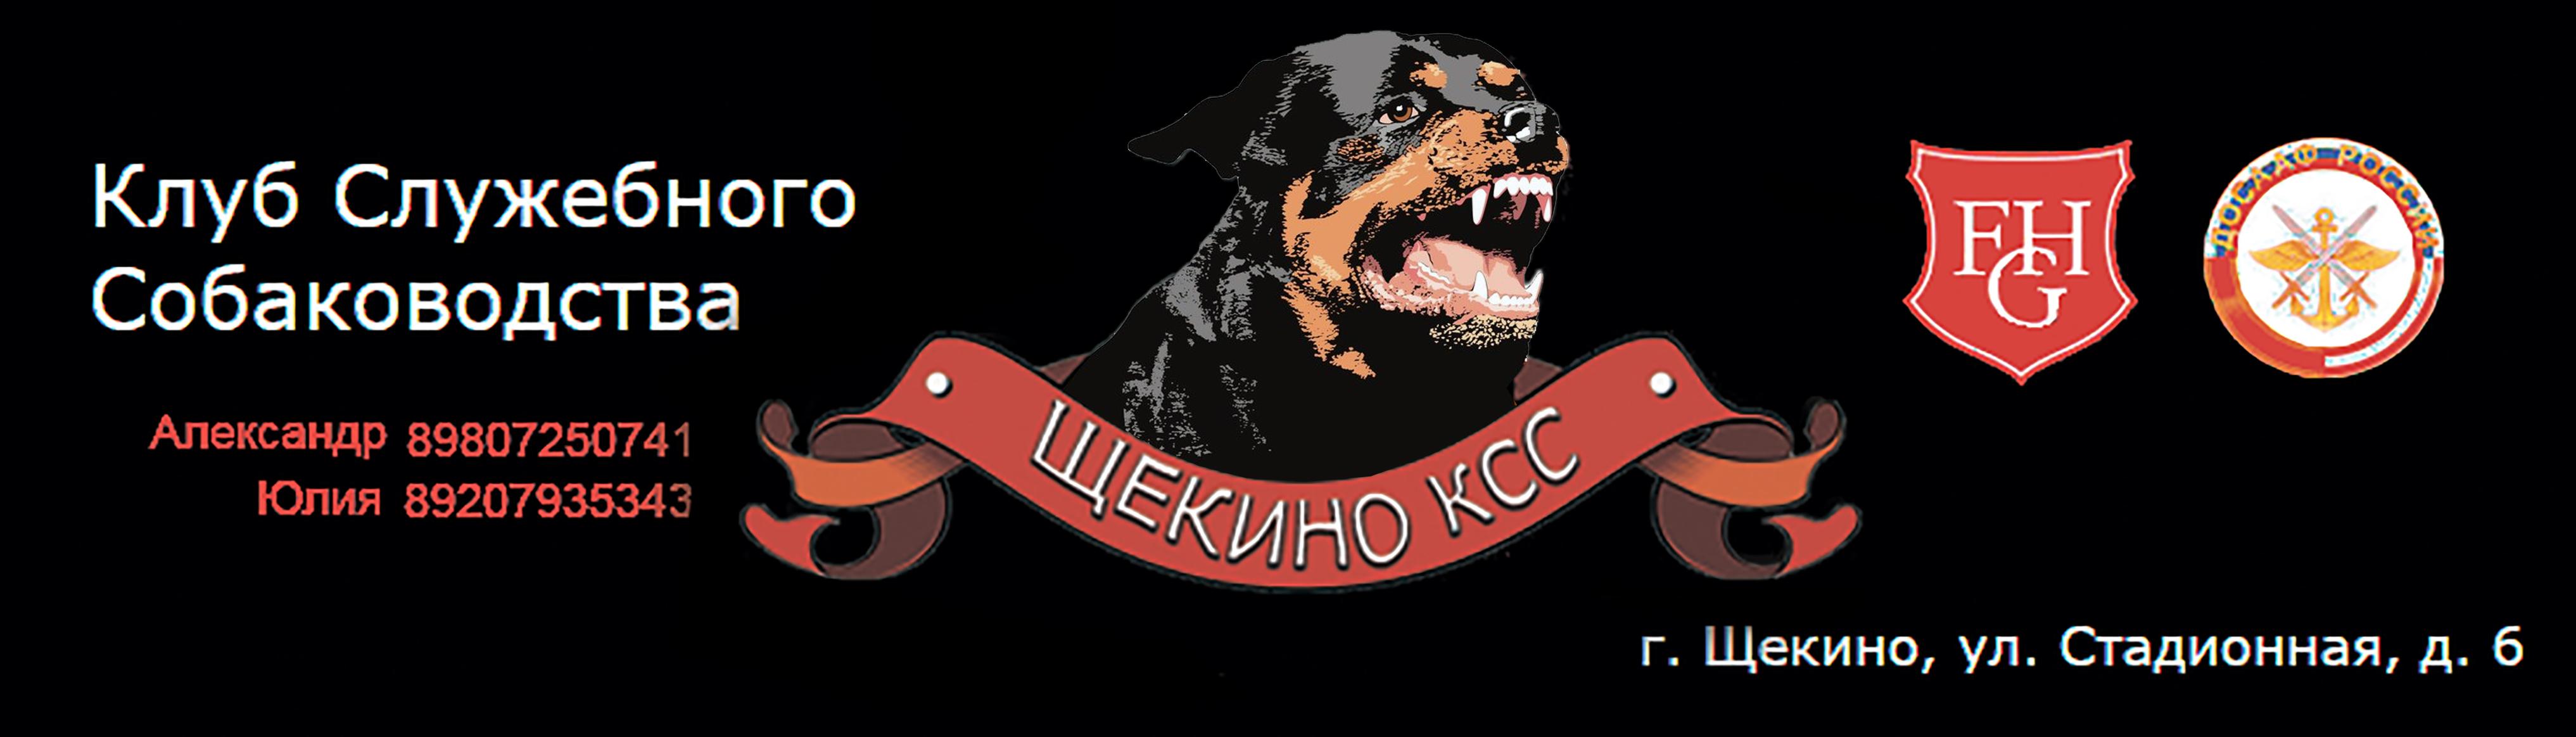 Щекинский клуб служебного собаководства, Щекинский КСС, Клуб служебного собаководства город Щекино, Щекинский клуб собаководов, Дрессировка